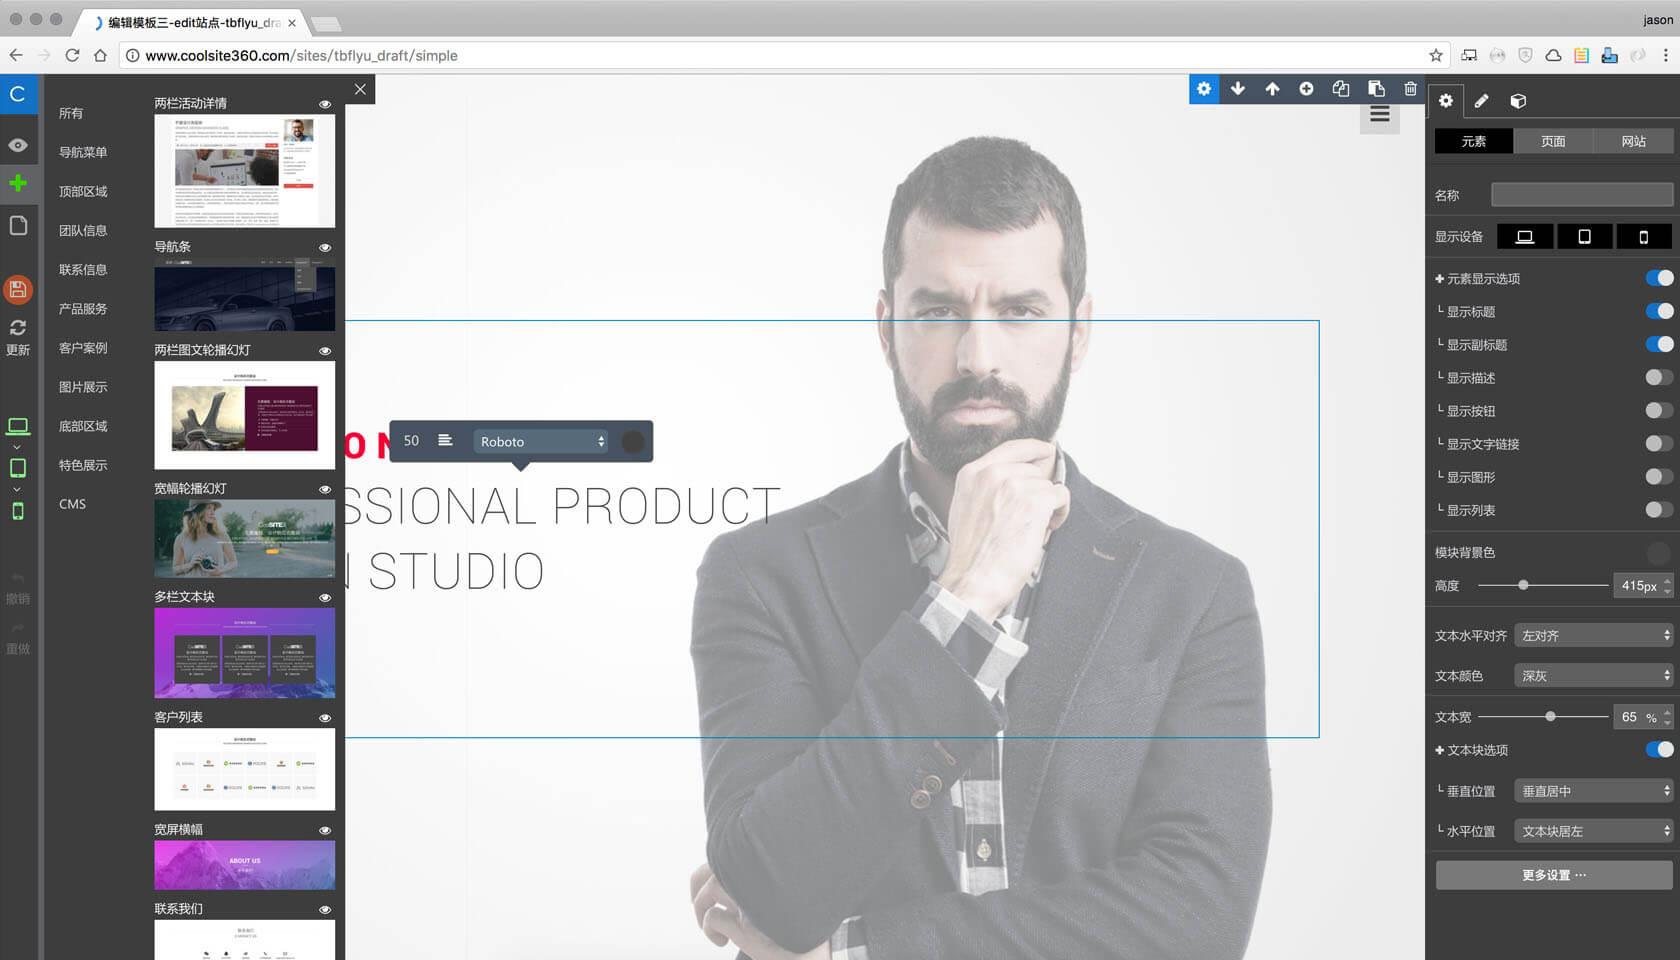 企业网站公司简介应该注意哪几点